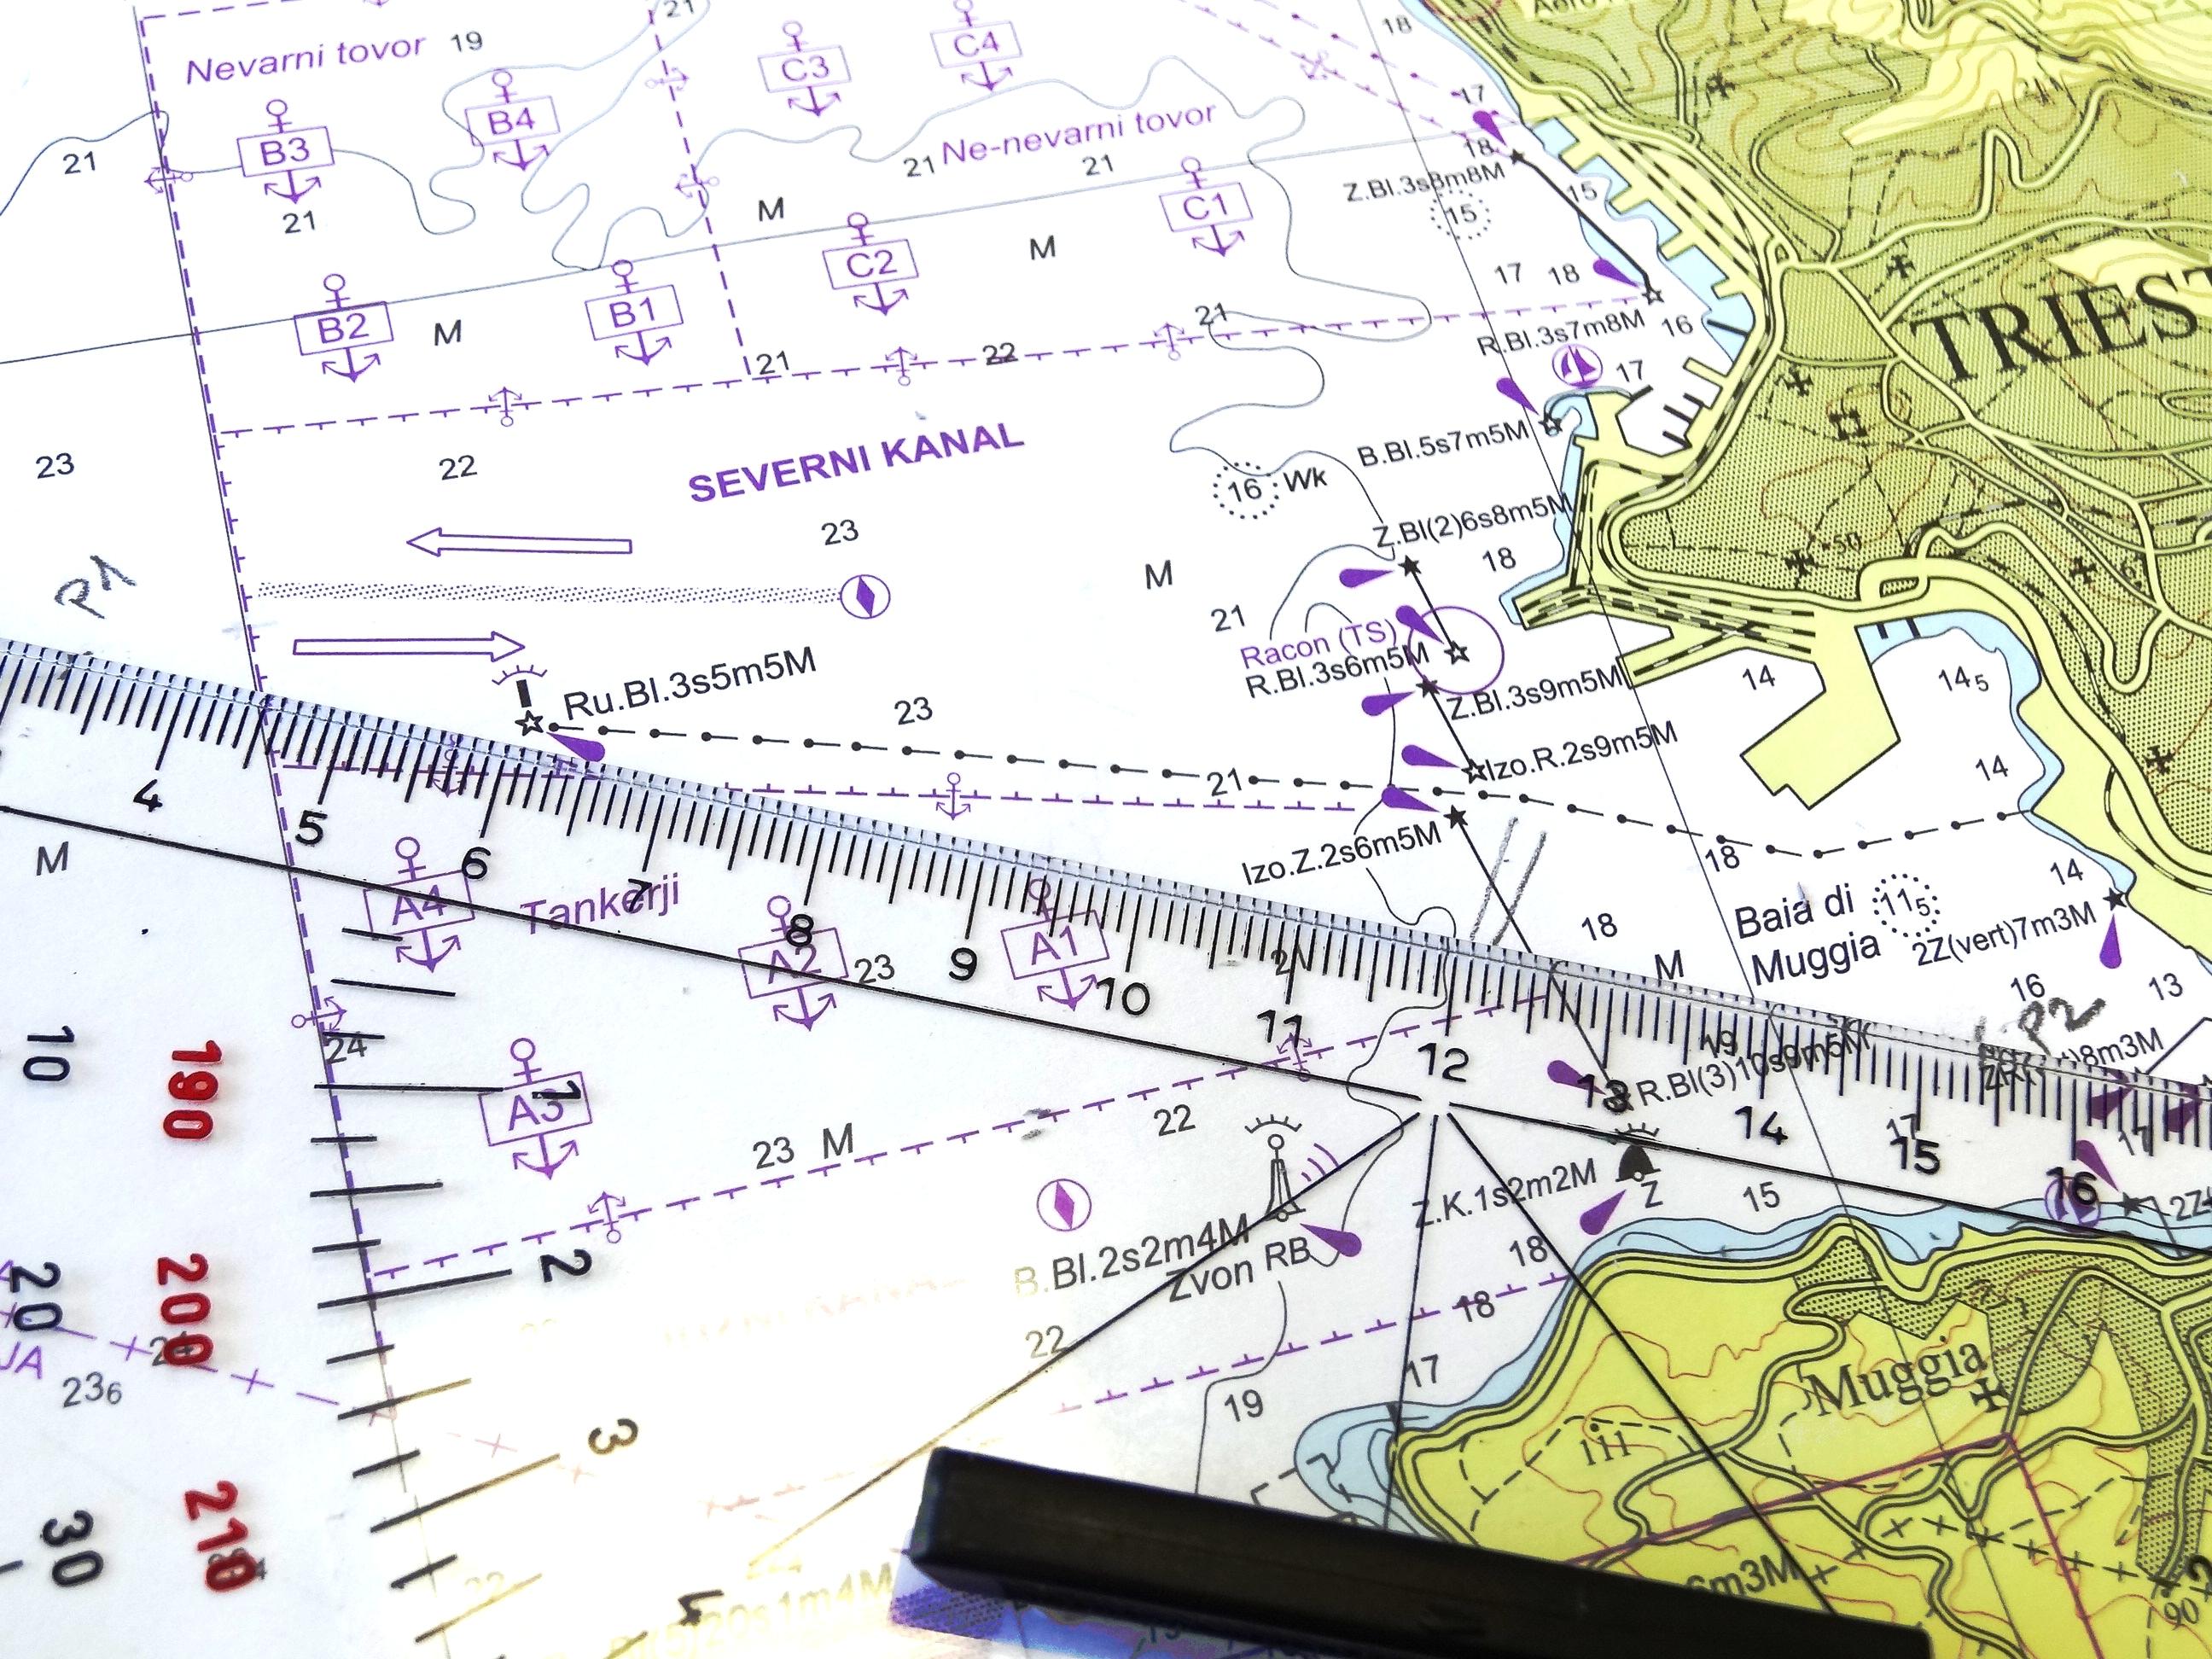 Direktni kurz proti Miljskemu zalivu